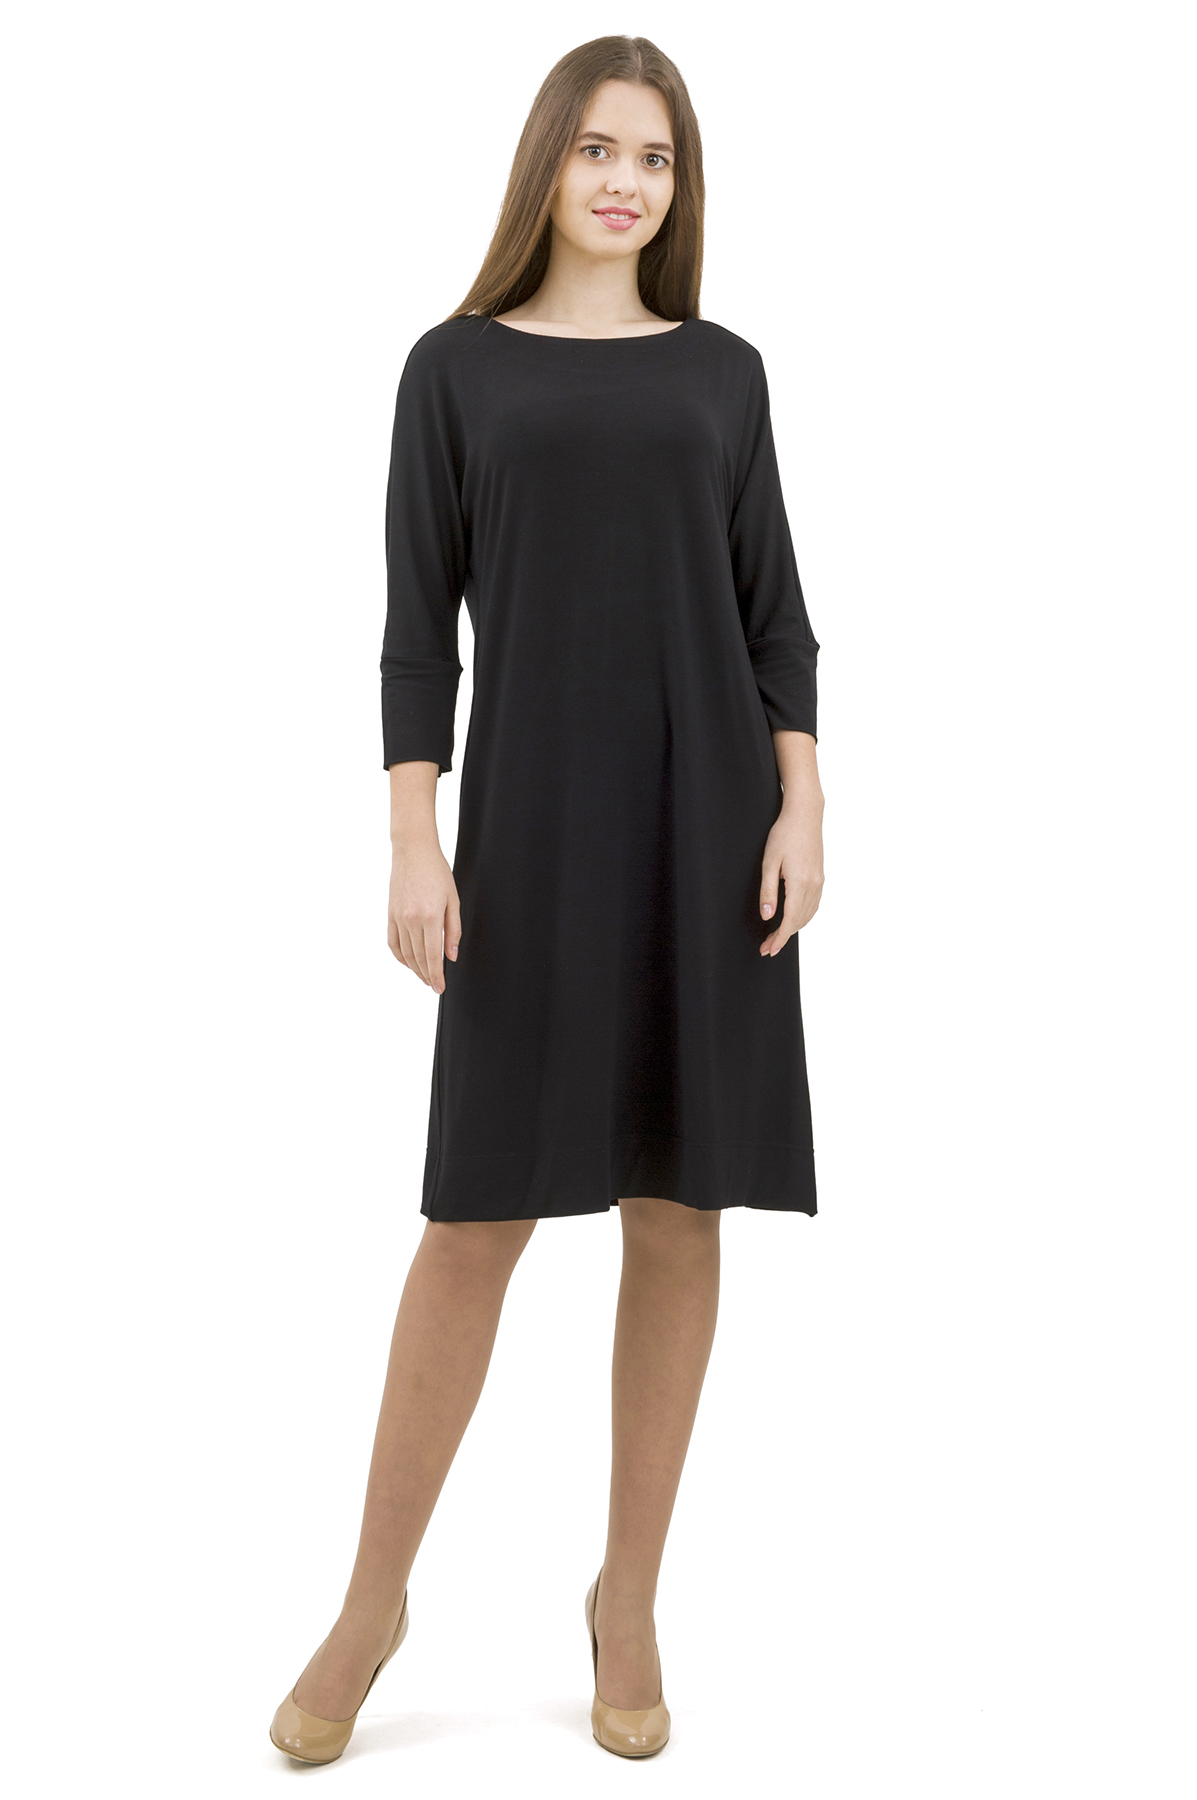 ПлатьеПлатья,  сарафаны<br>Стильное платье выполнено из высококачественного трикотажа. Данная модель удачно подчеркнет красоту Вашей фигуры, а яркая расцветка  не оставит Вас незамеченной.<br><br>Цвет: черный<br>Состав: 92% вискоза; 8% эластан<br>Размер: 40,42,44,46,48,50,52,54,56,58,60<br>Страна дизайна: Россия<br>Страна производства: Россия